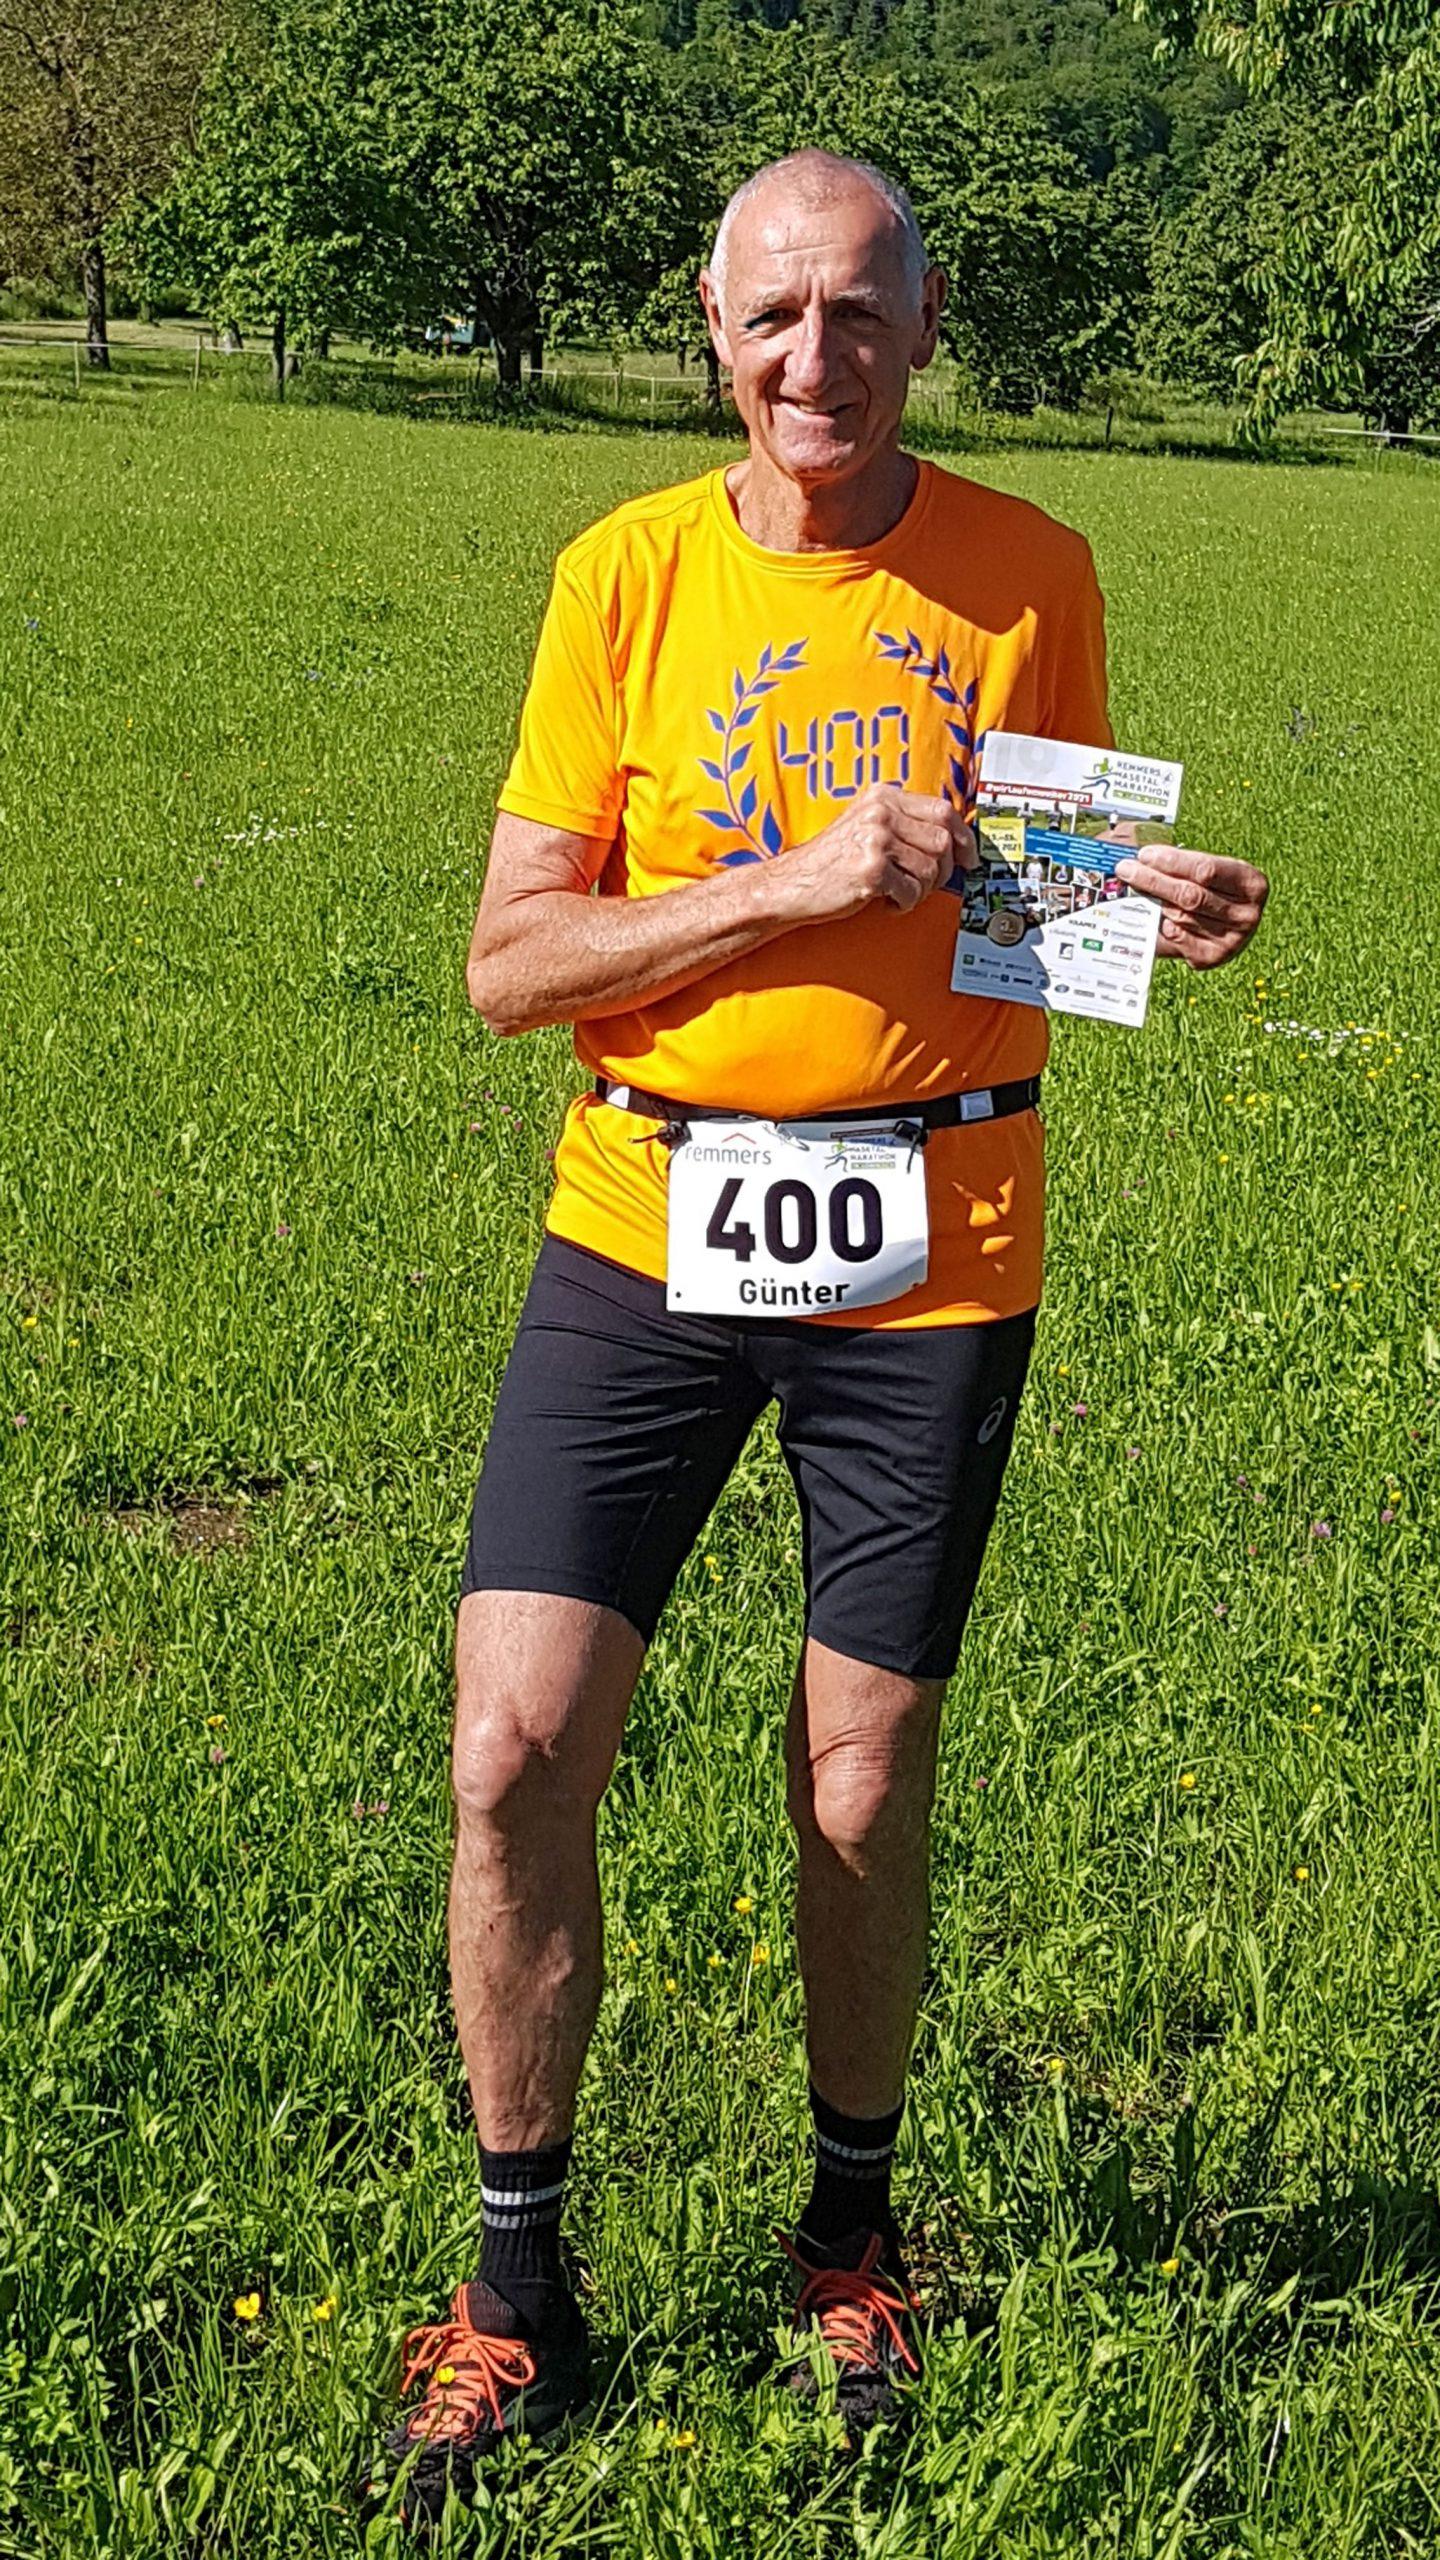 zum Bild:Günter Scheeff läuft beim virtuellen Remmers-Hasetal-Marathon des VfL Löningen seinen 400. Marathon. Das Trikot-Geschenk von seinem Lauftreff und die Startnummer 400 hat er schon einmal Probe getragen. Foto: Günter Scheeff.